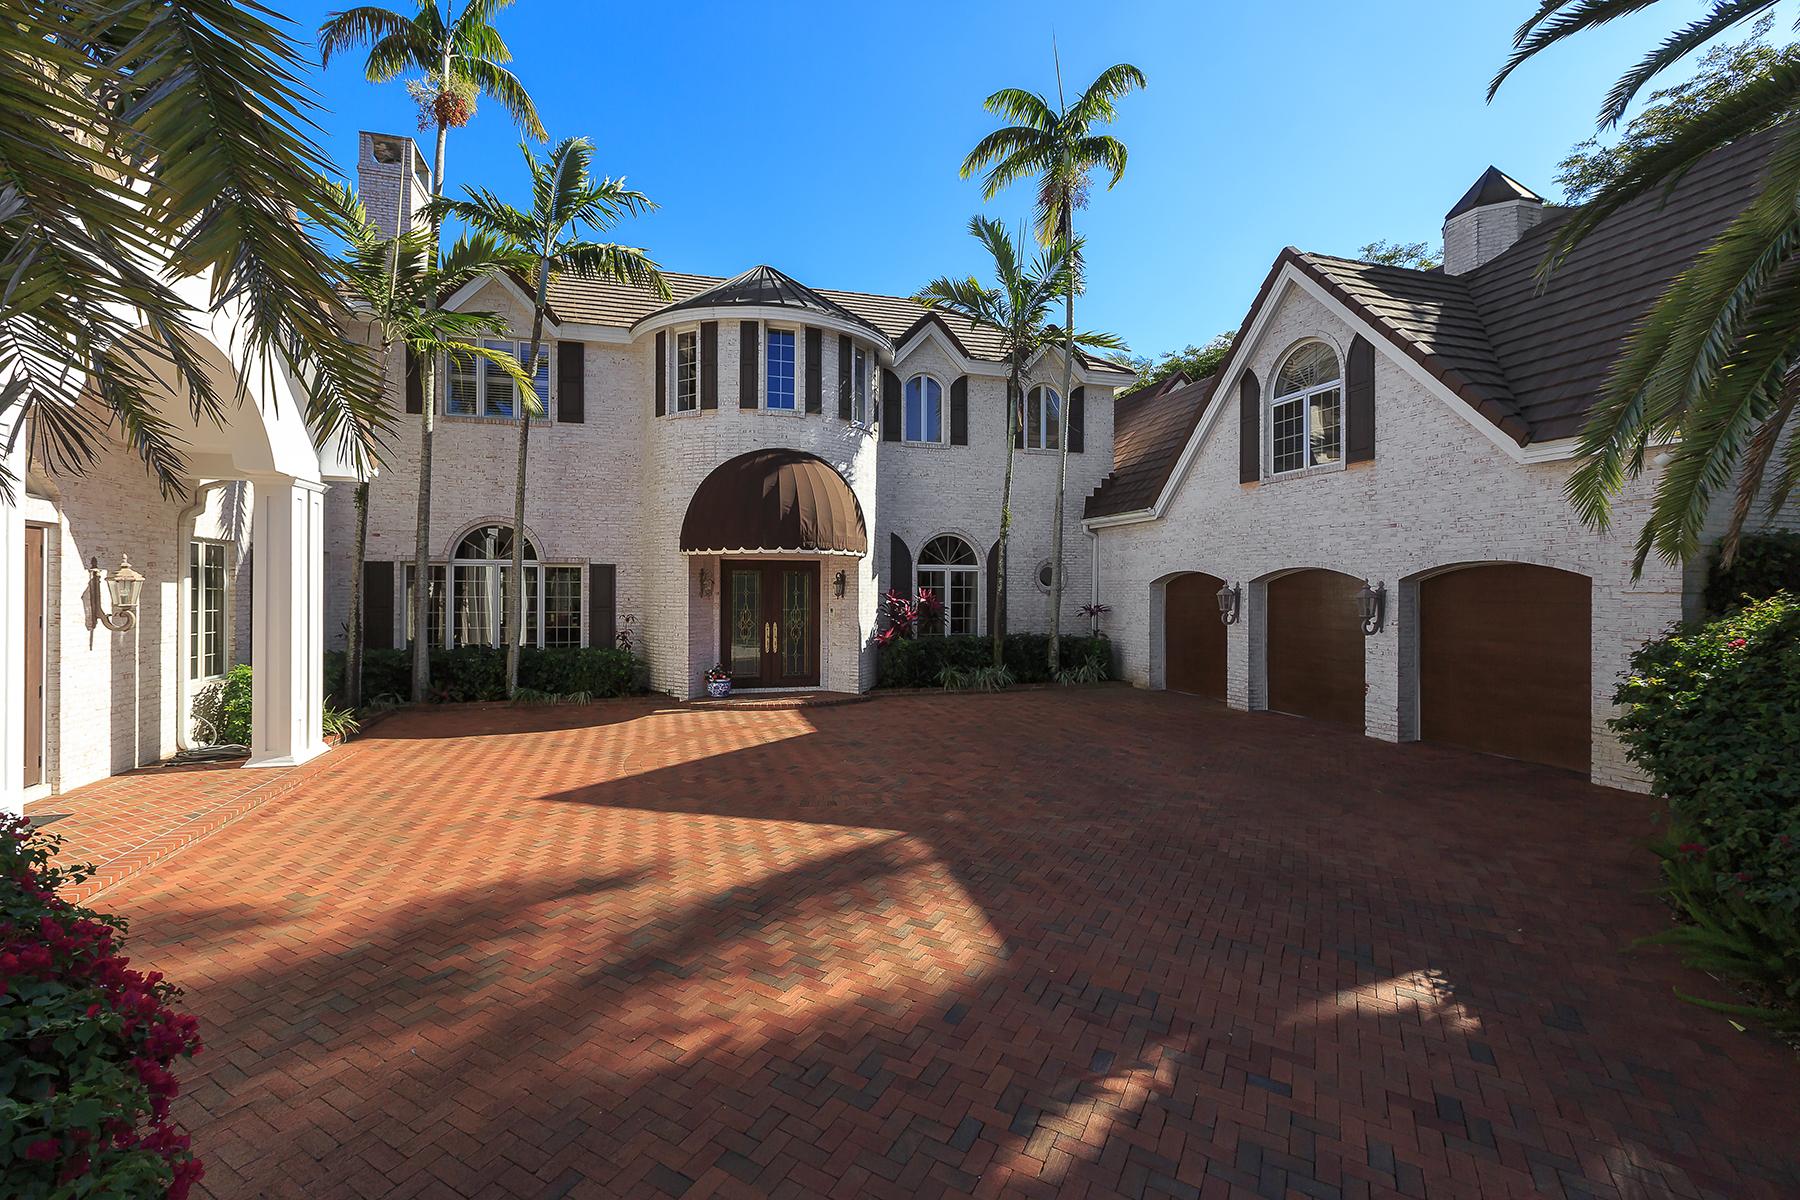 단독 가정 주택 용 매매 에 PELICAN BAY - BAY COLONY SHORES 356 Cromwell Ct Naples, 플로리다, 34108 미국